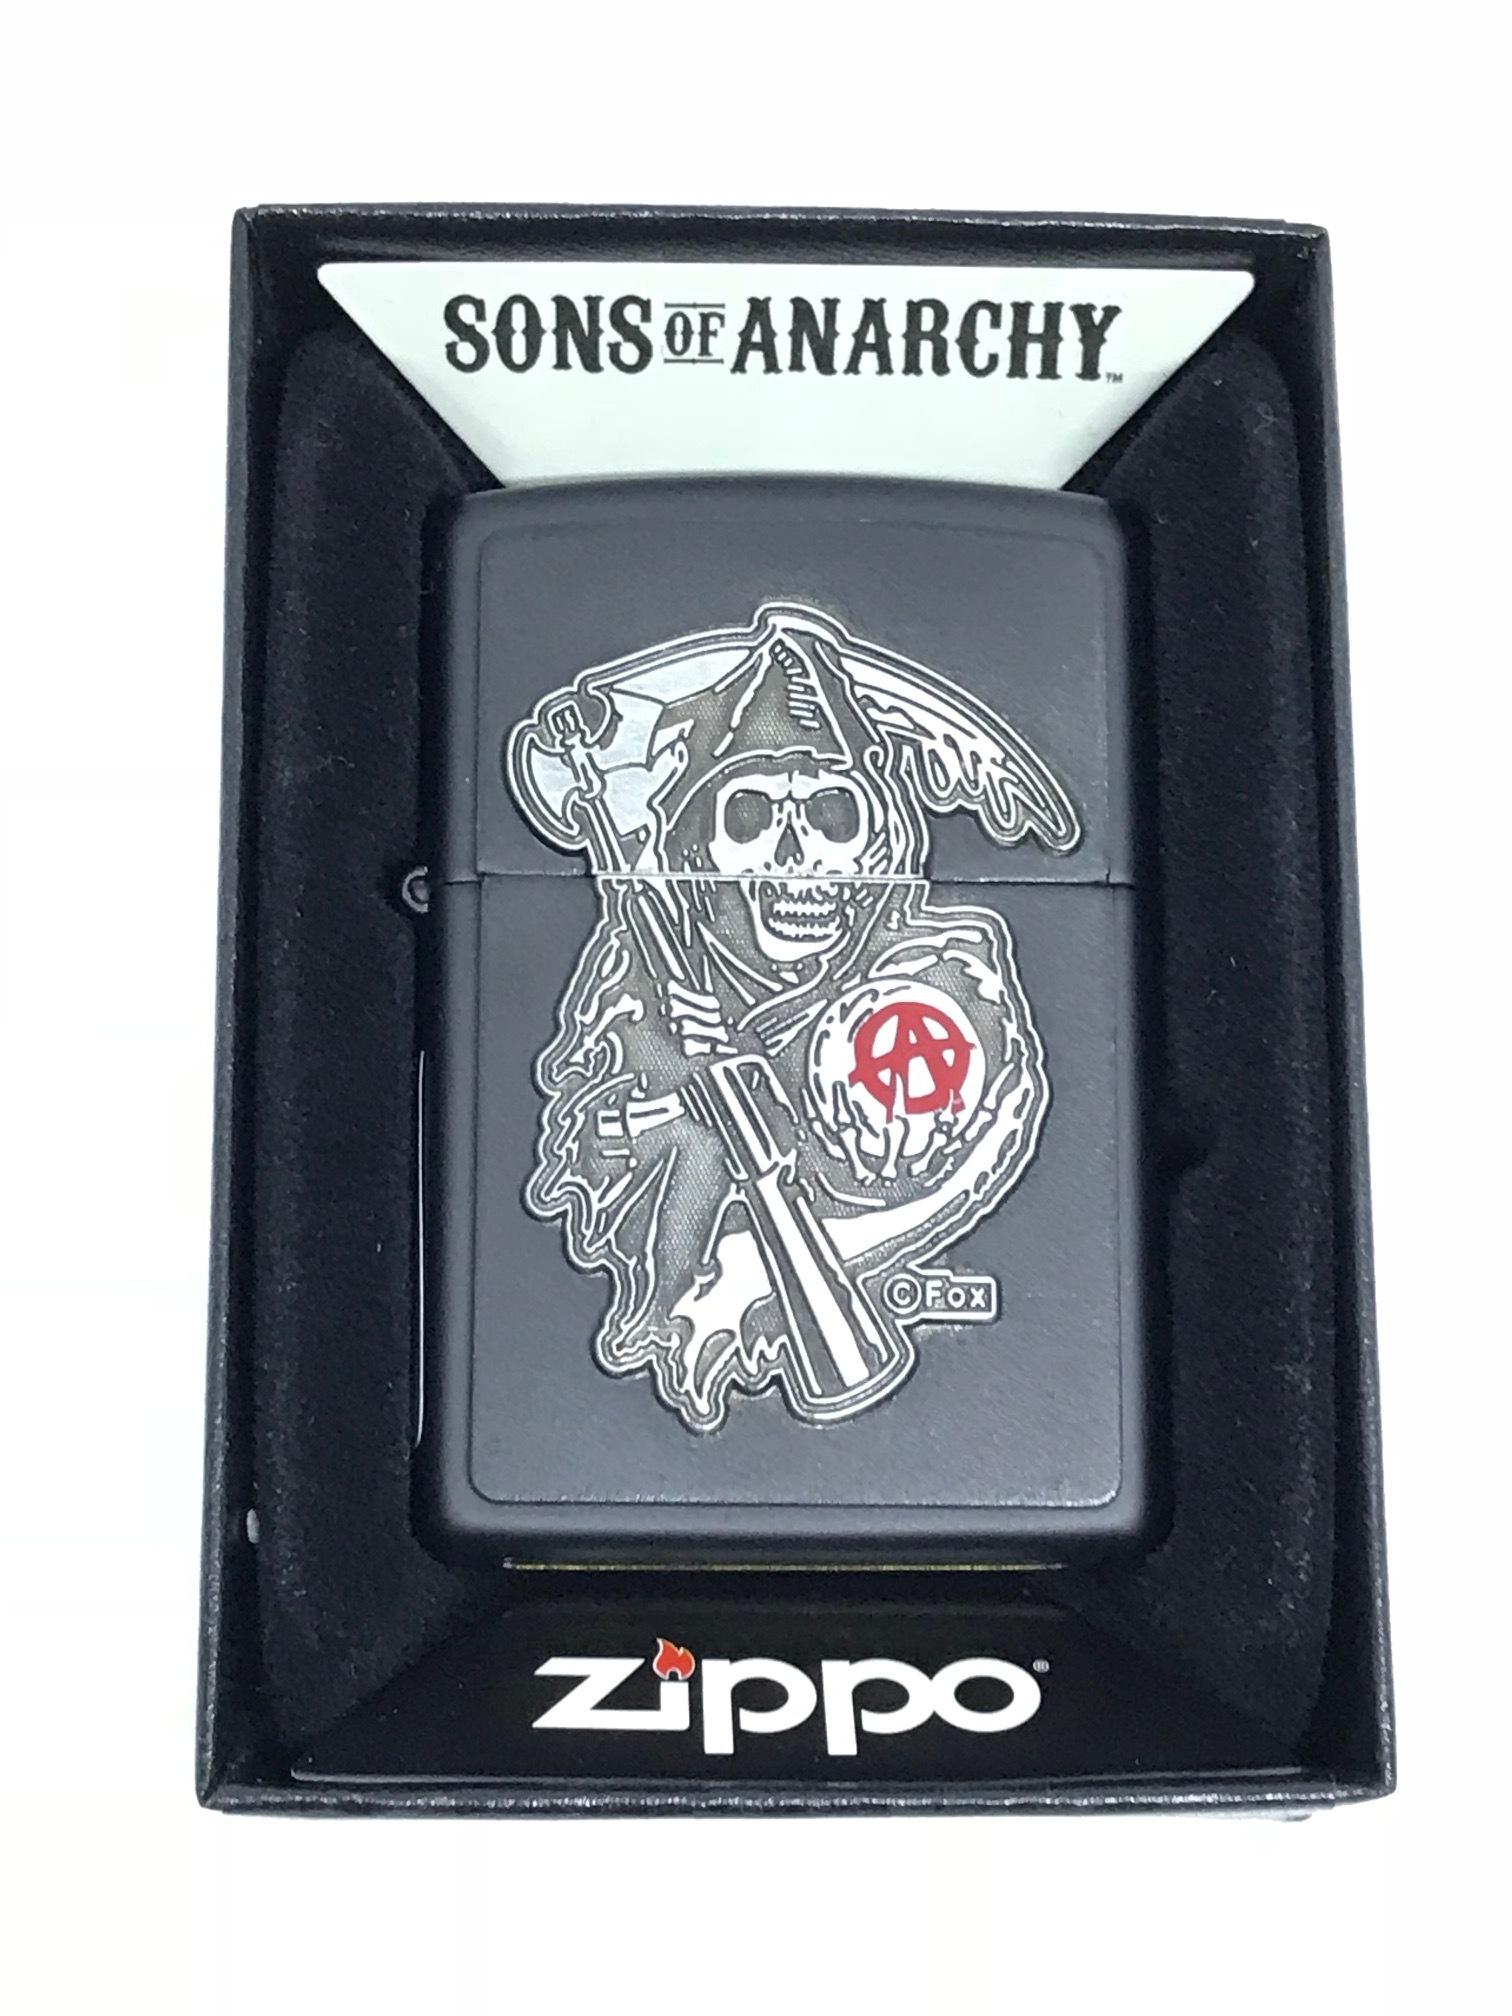 Zippo Soa Emblem son den ntz566 2